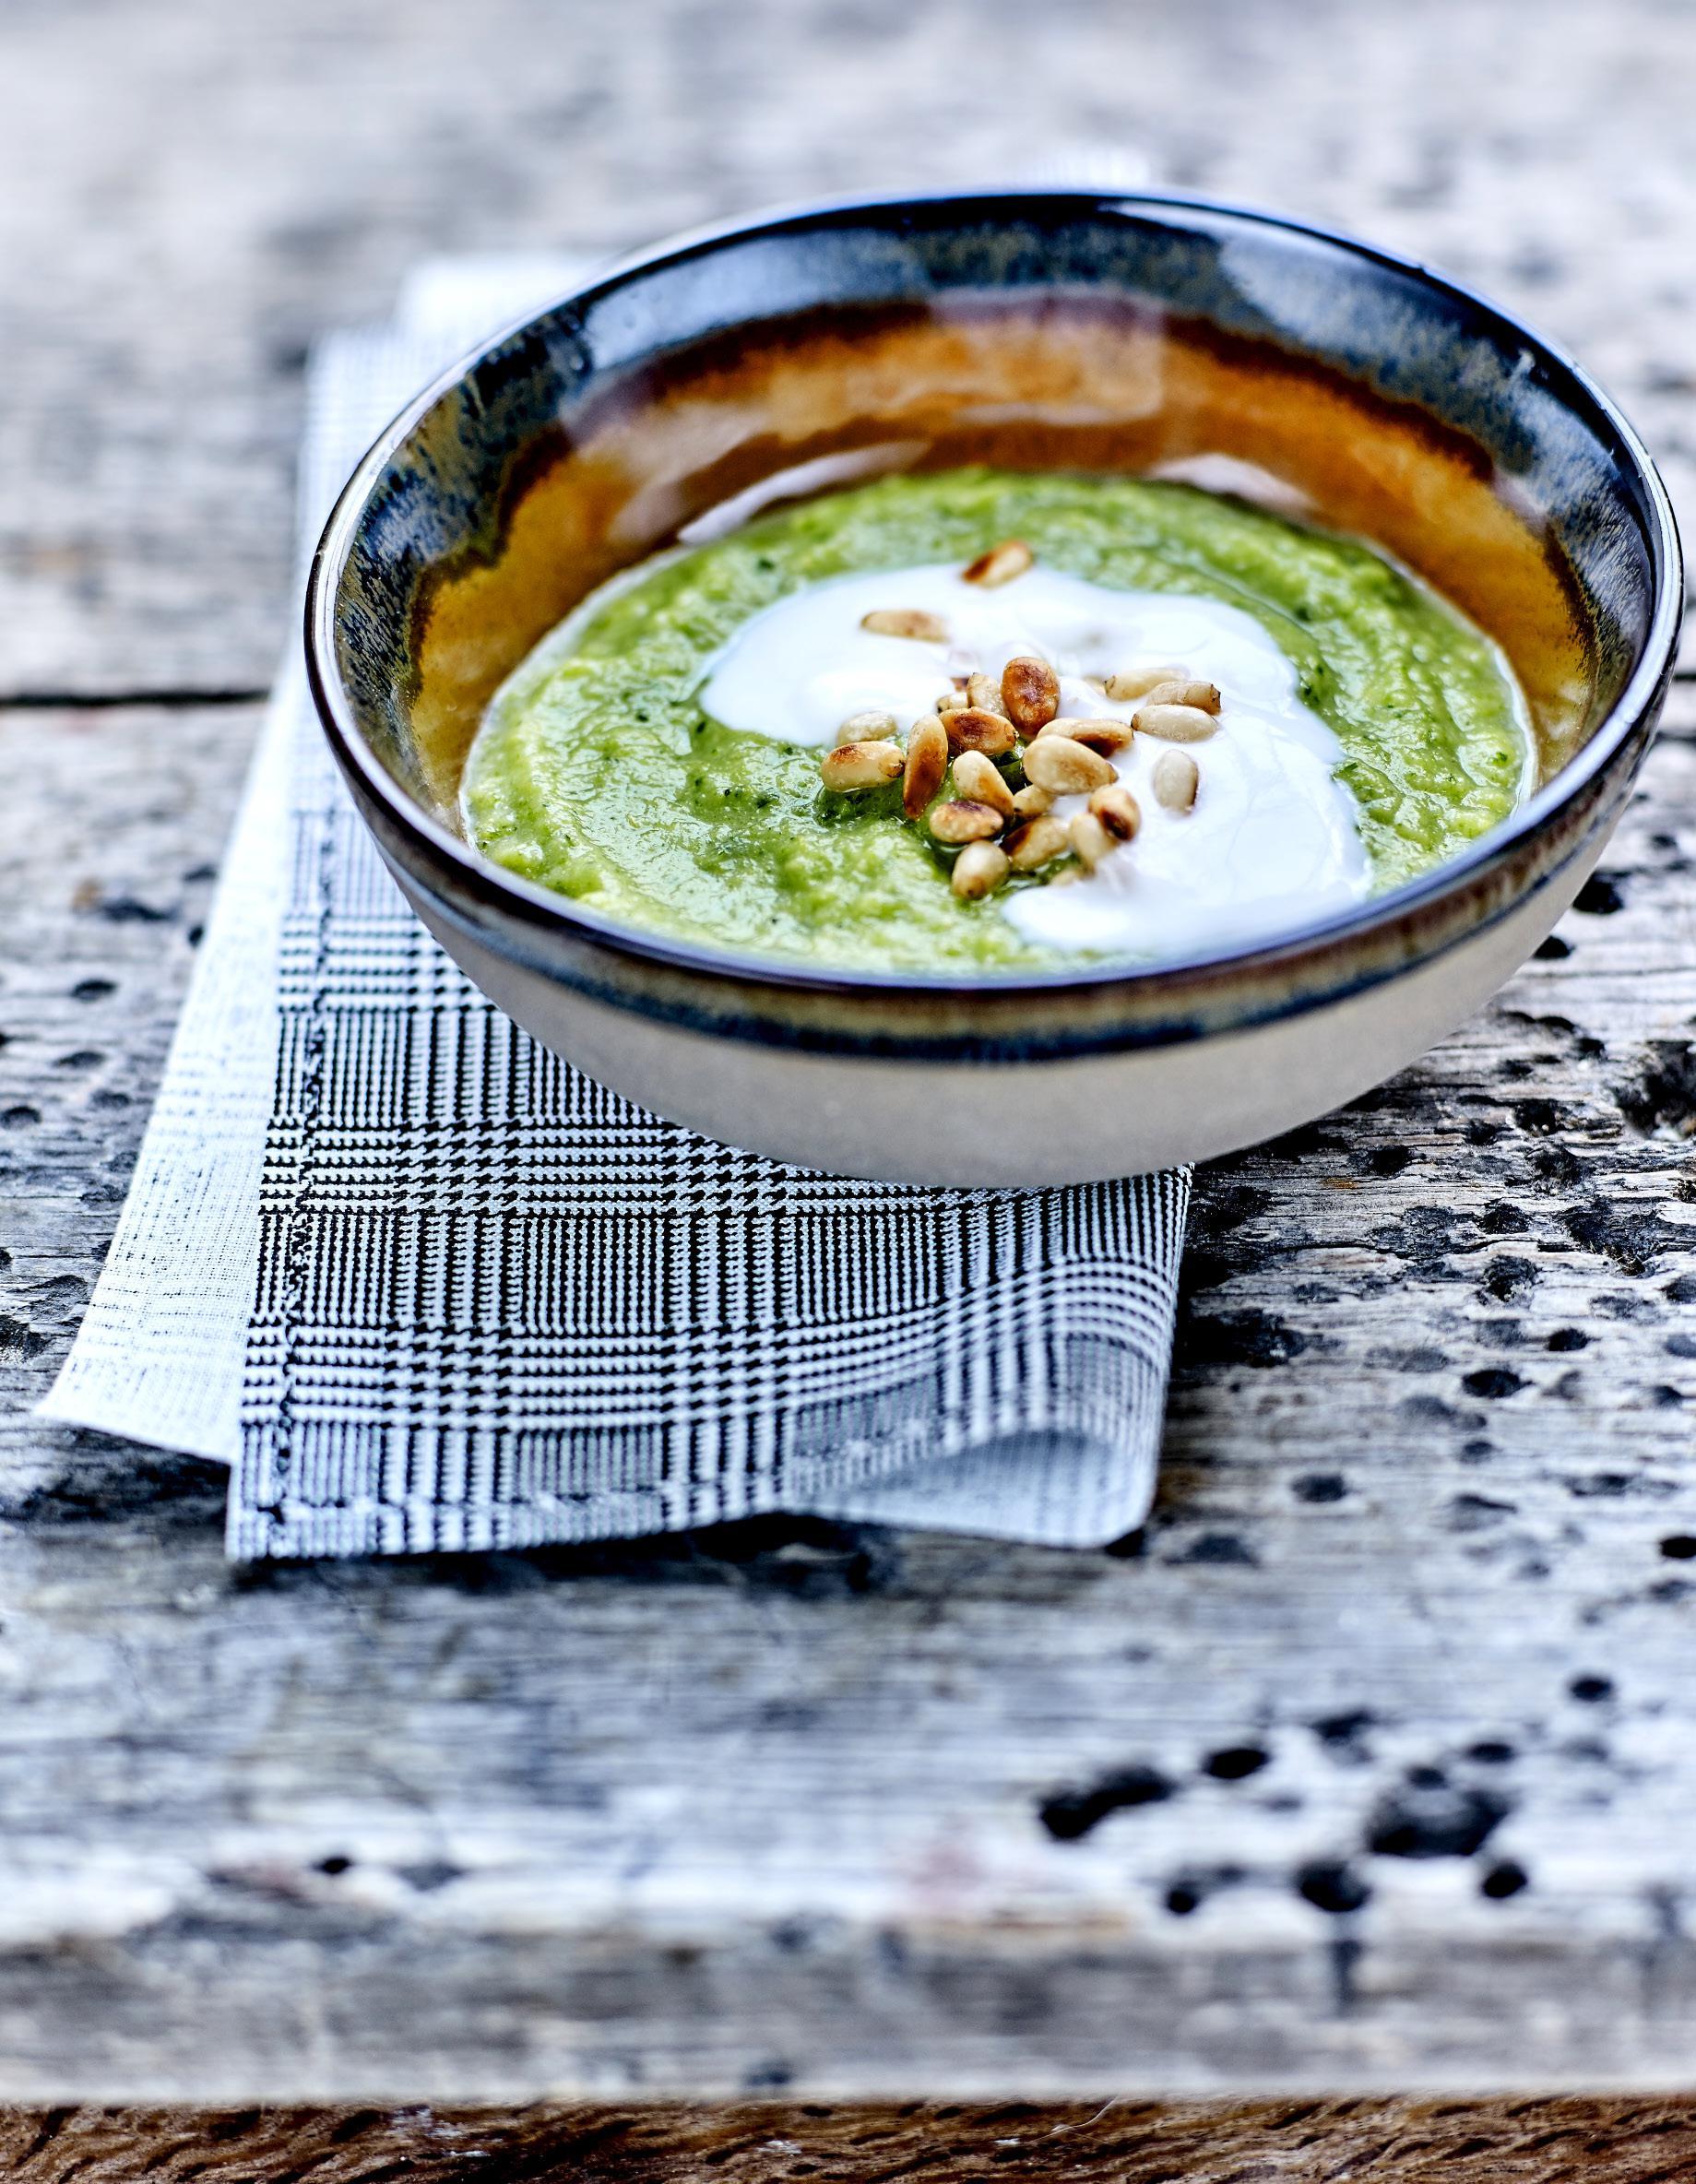 Soupe de brocoli et avocat lait ferment et pignons grill s pour 4 personnes recettes elle - Soupe de brocolis thermomix ...